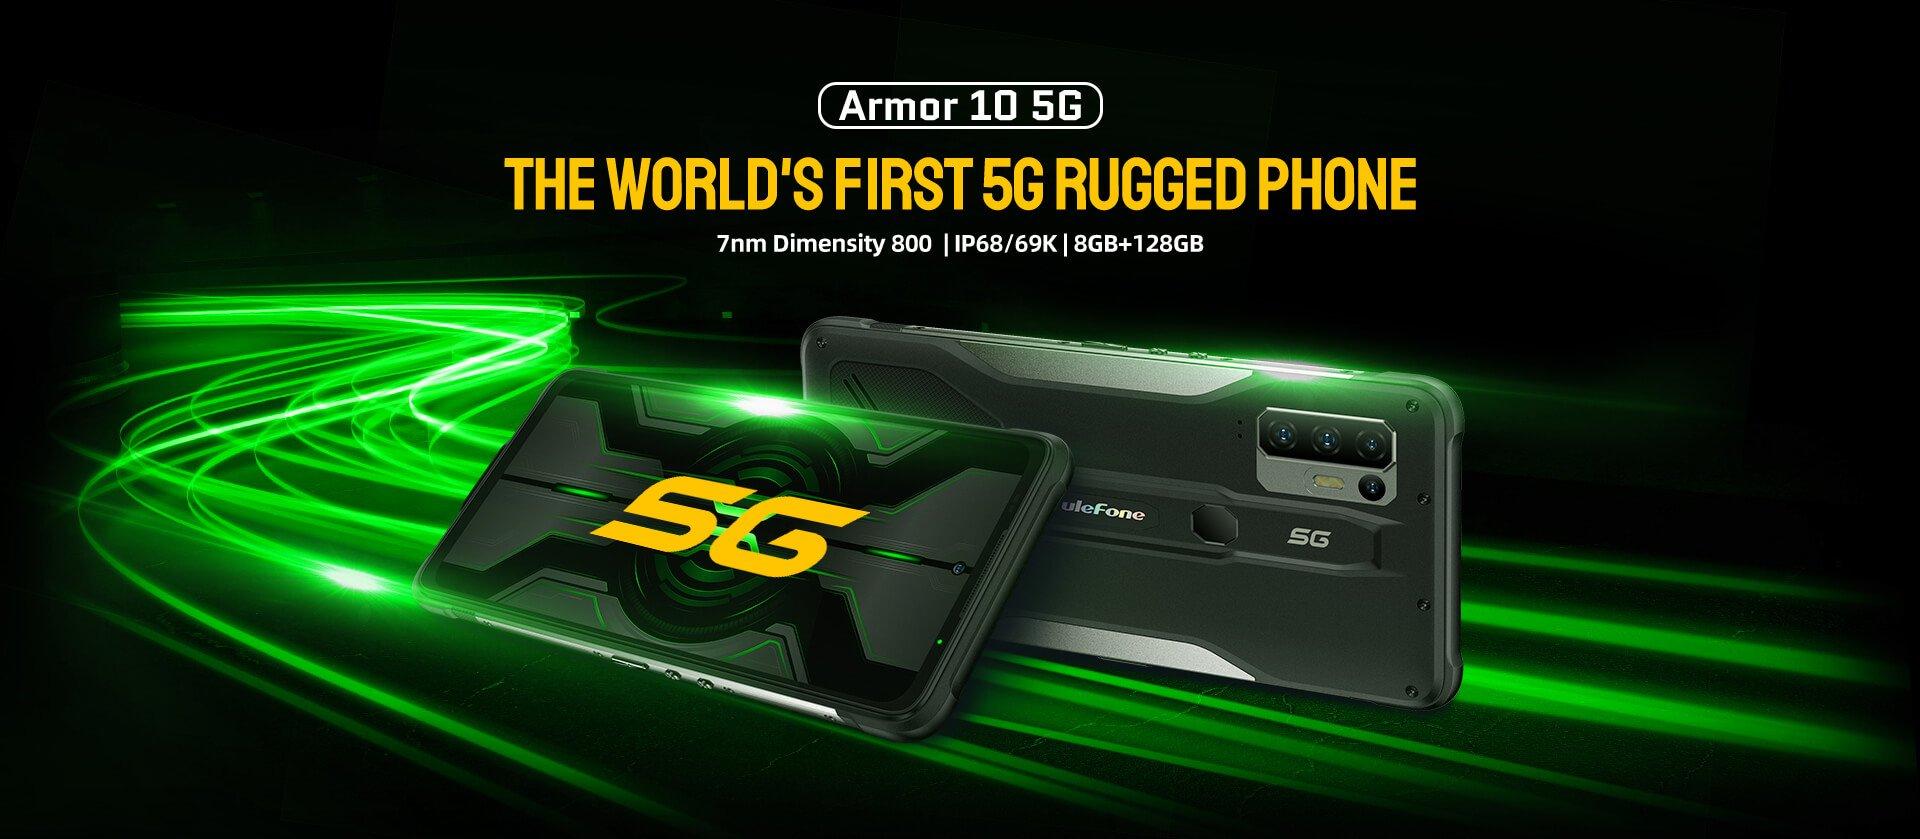 armor10 5G